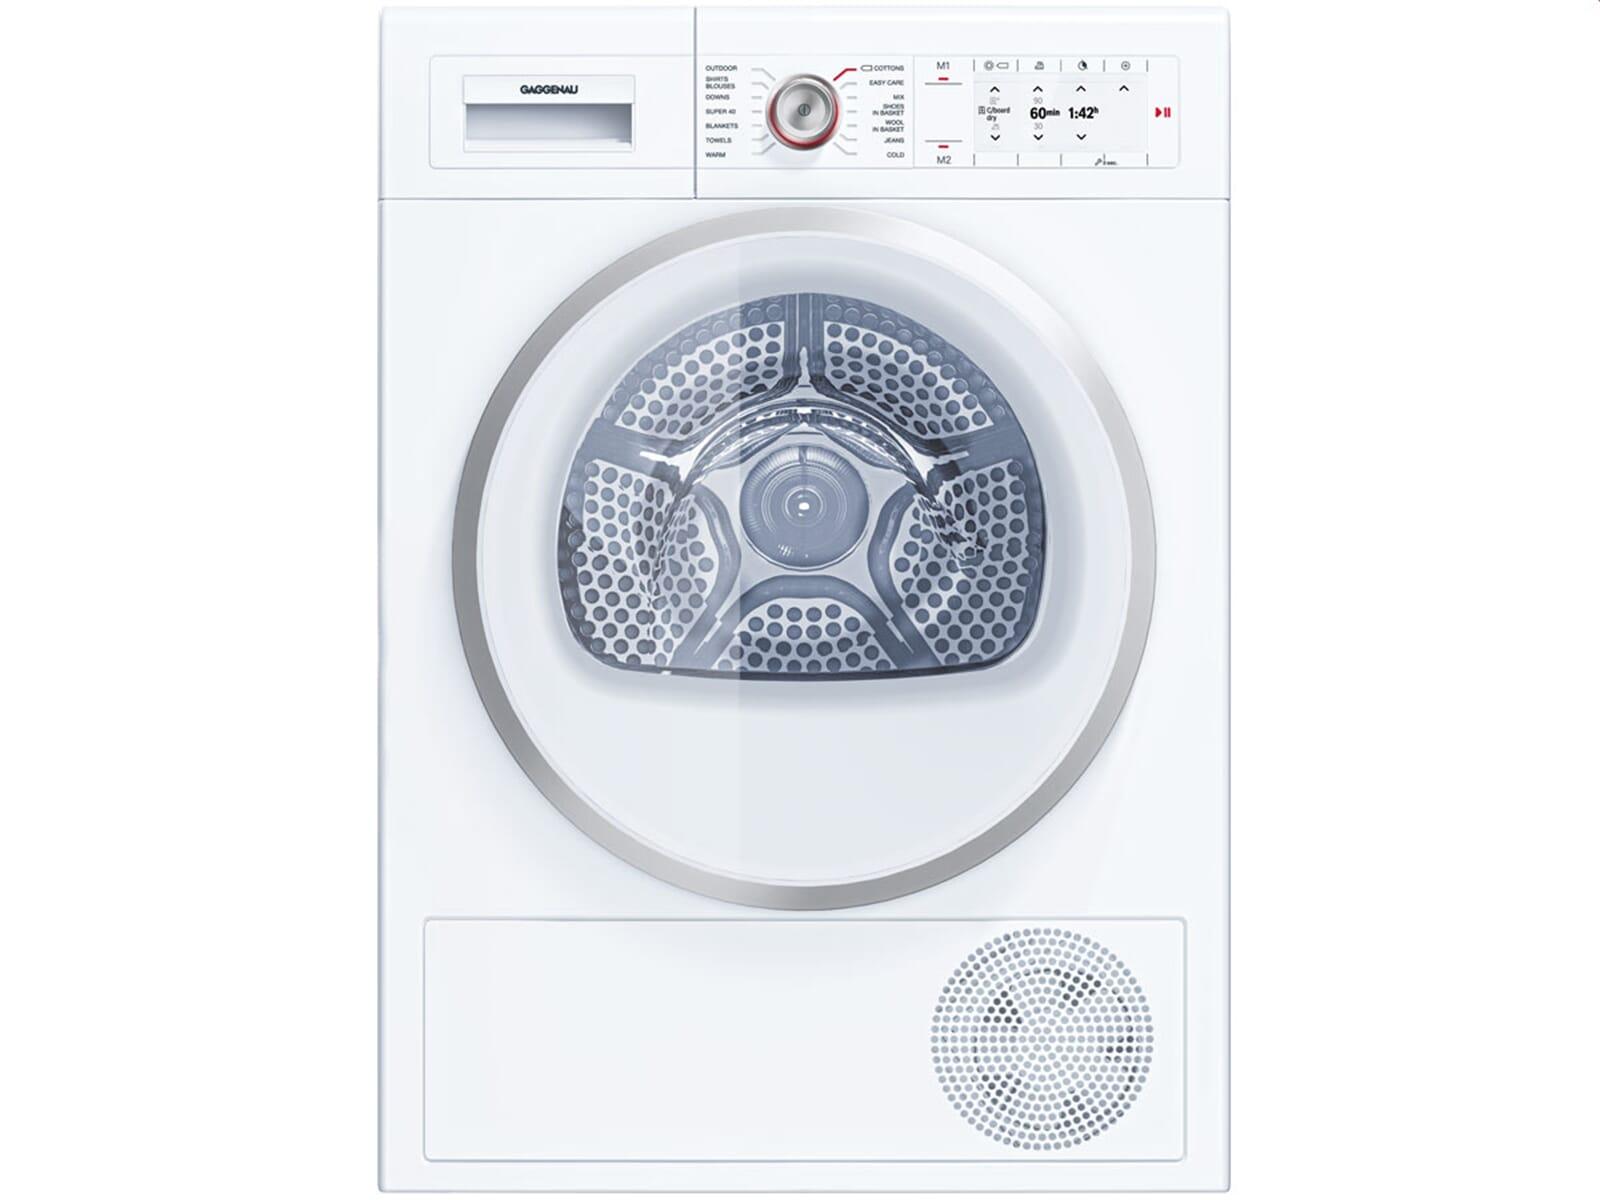 Nur kaltwasseranschluss für wasch spülmaschine und spüle in der